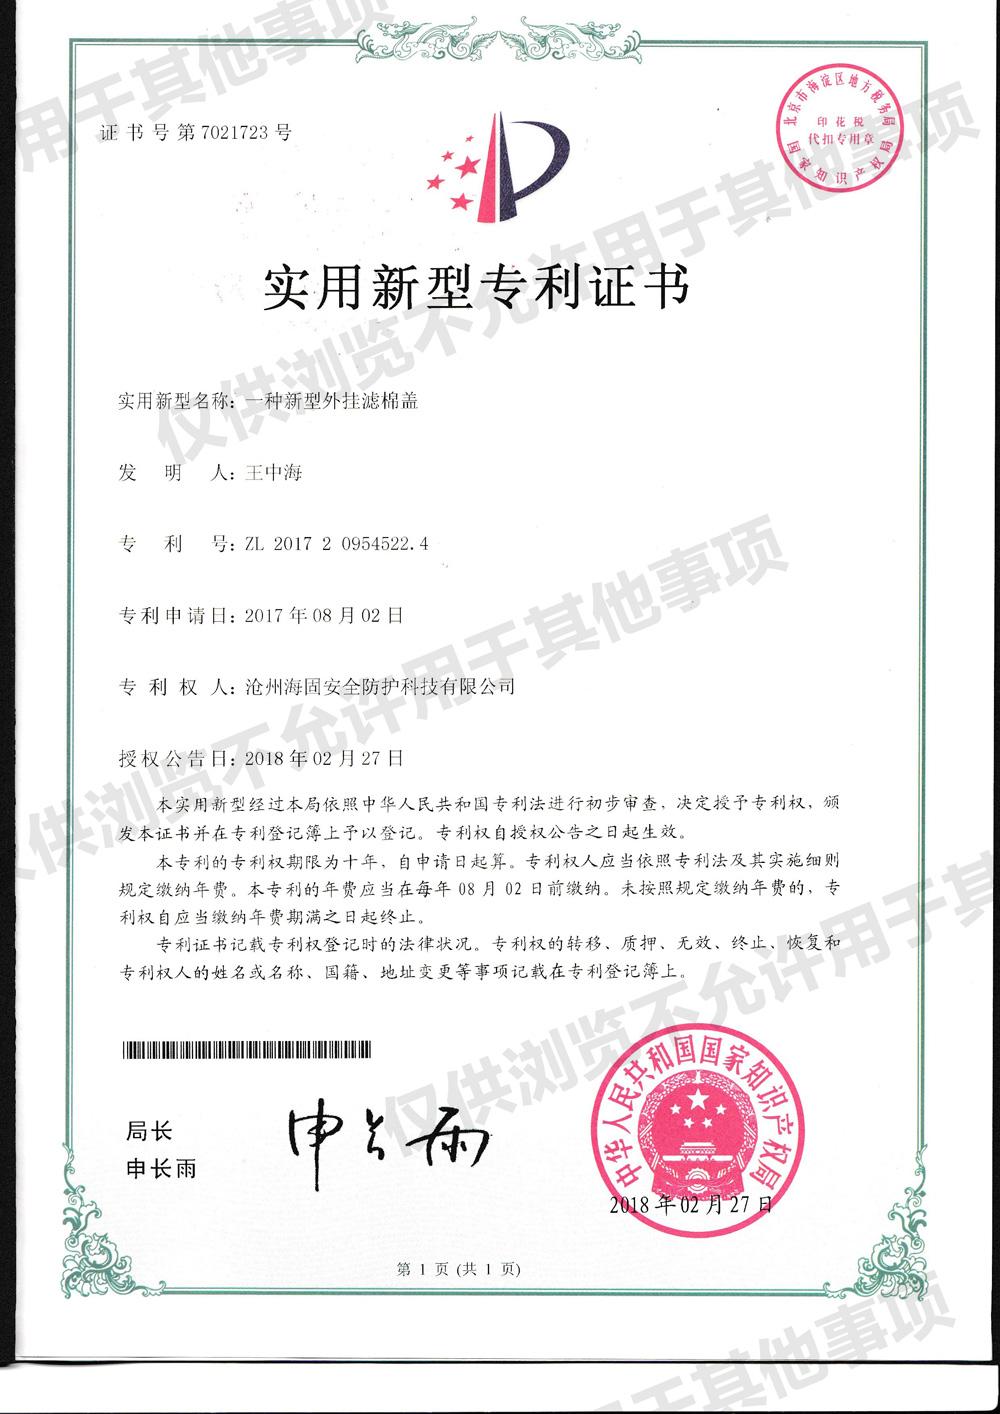 http://www.czhaigu.com/uploads/zizhi/zhuanlizhengshu/3.jpg